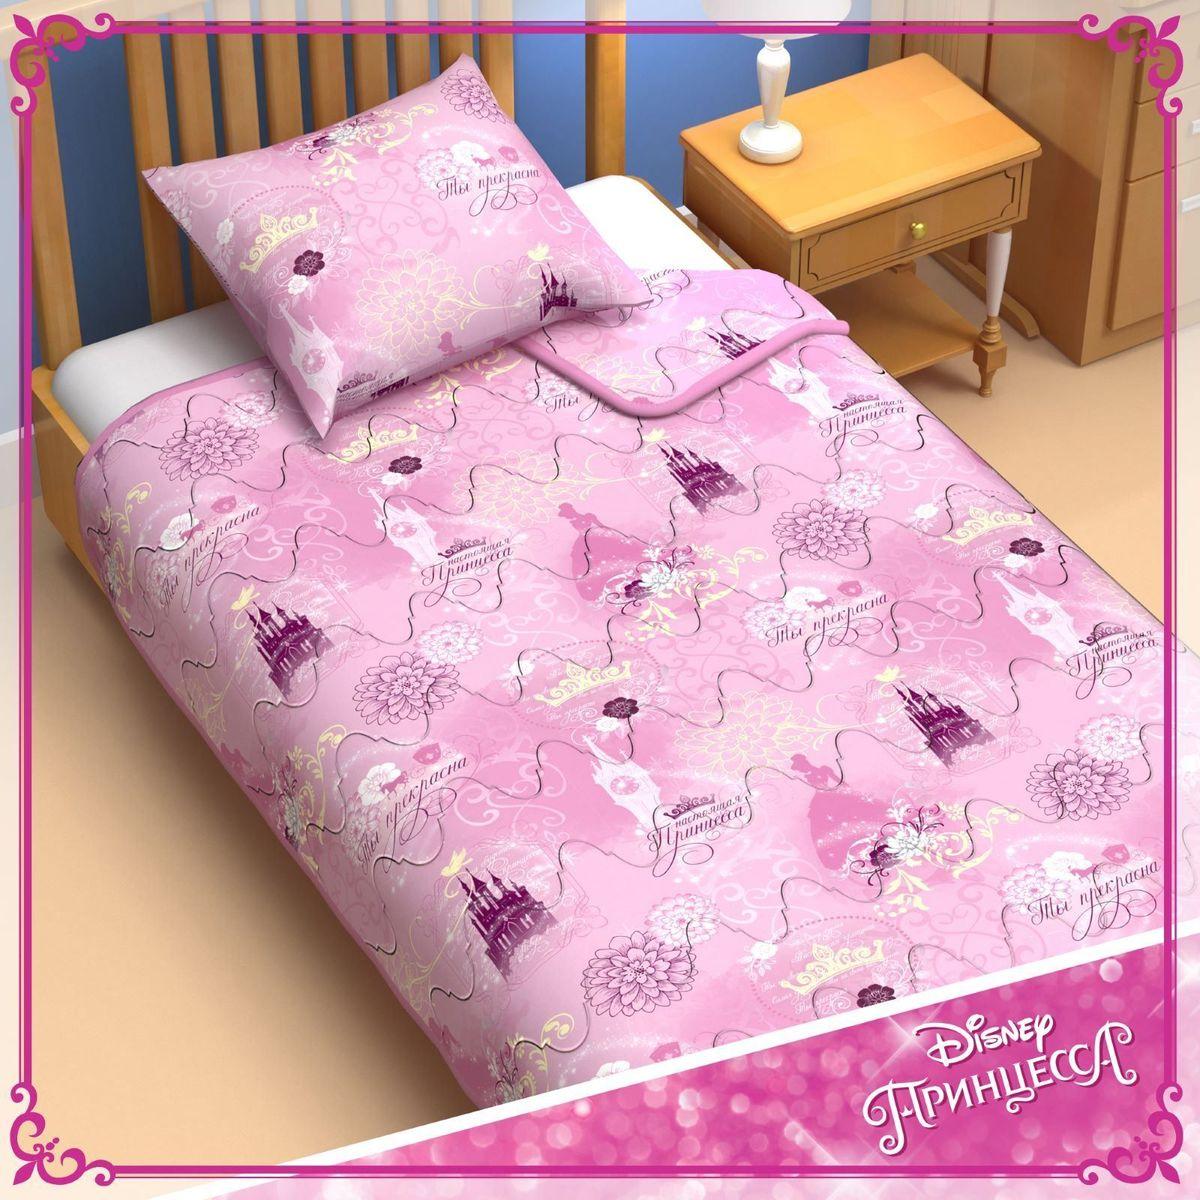 Disney Одеяло 1,5 спальное Принцессы 140 х 205 см 11531691153169Сказочные сны с любимыми принцессами Disney. Маленькая любительница мультфильмов Disney будет в восторге от этого очаровательного одеяла нежно розового цвета с надписями на русском языке! Оно подарит крохе сны, полные волшебства, и по-настоящему доброе утро. Почему? Потому что одеяло изготовлено в России на современном оборудовании, а при нанесении рисунка использовались только качественные европейские красители. Над дизайном работала команда настоящих мастеров своего дела: очаровательные персонажи мультфильмов, детально проработанная картинка, гармоничное сочетание цветов — всё это результат их кропотливой работы. В качестве наполнителя для изделия используется файбер — практичный, безопасный и мягкий материал. Именно поэтому одеяло: поддерживает комфортную температуру тела во время сна; не способствует появлению аллергии и раздражения; позволяет коже дышать и впитывает влагу; хорошо переносит многочисленные стирки, сохраняя...